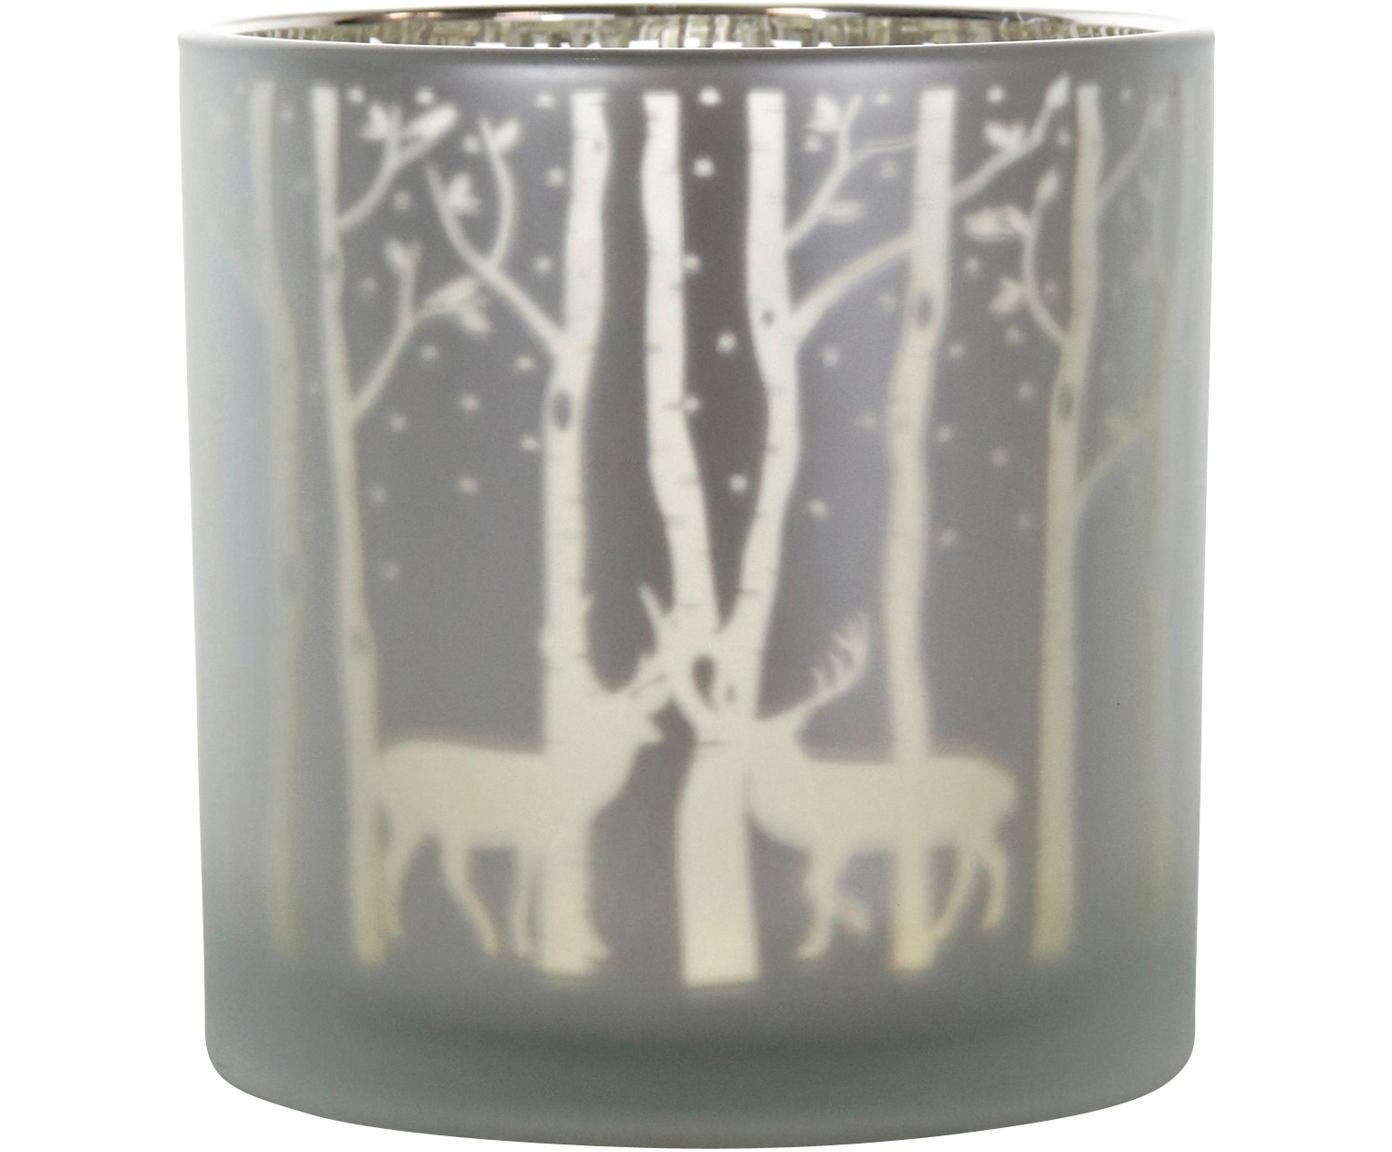 Windlicht Forest, Glas, Grau, Silberfarben, Ø 15 x H 15 cm